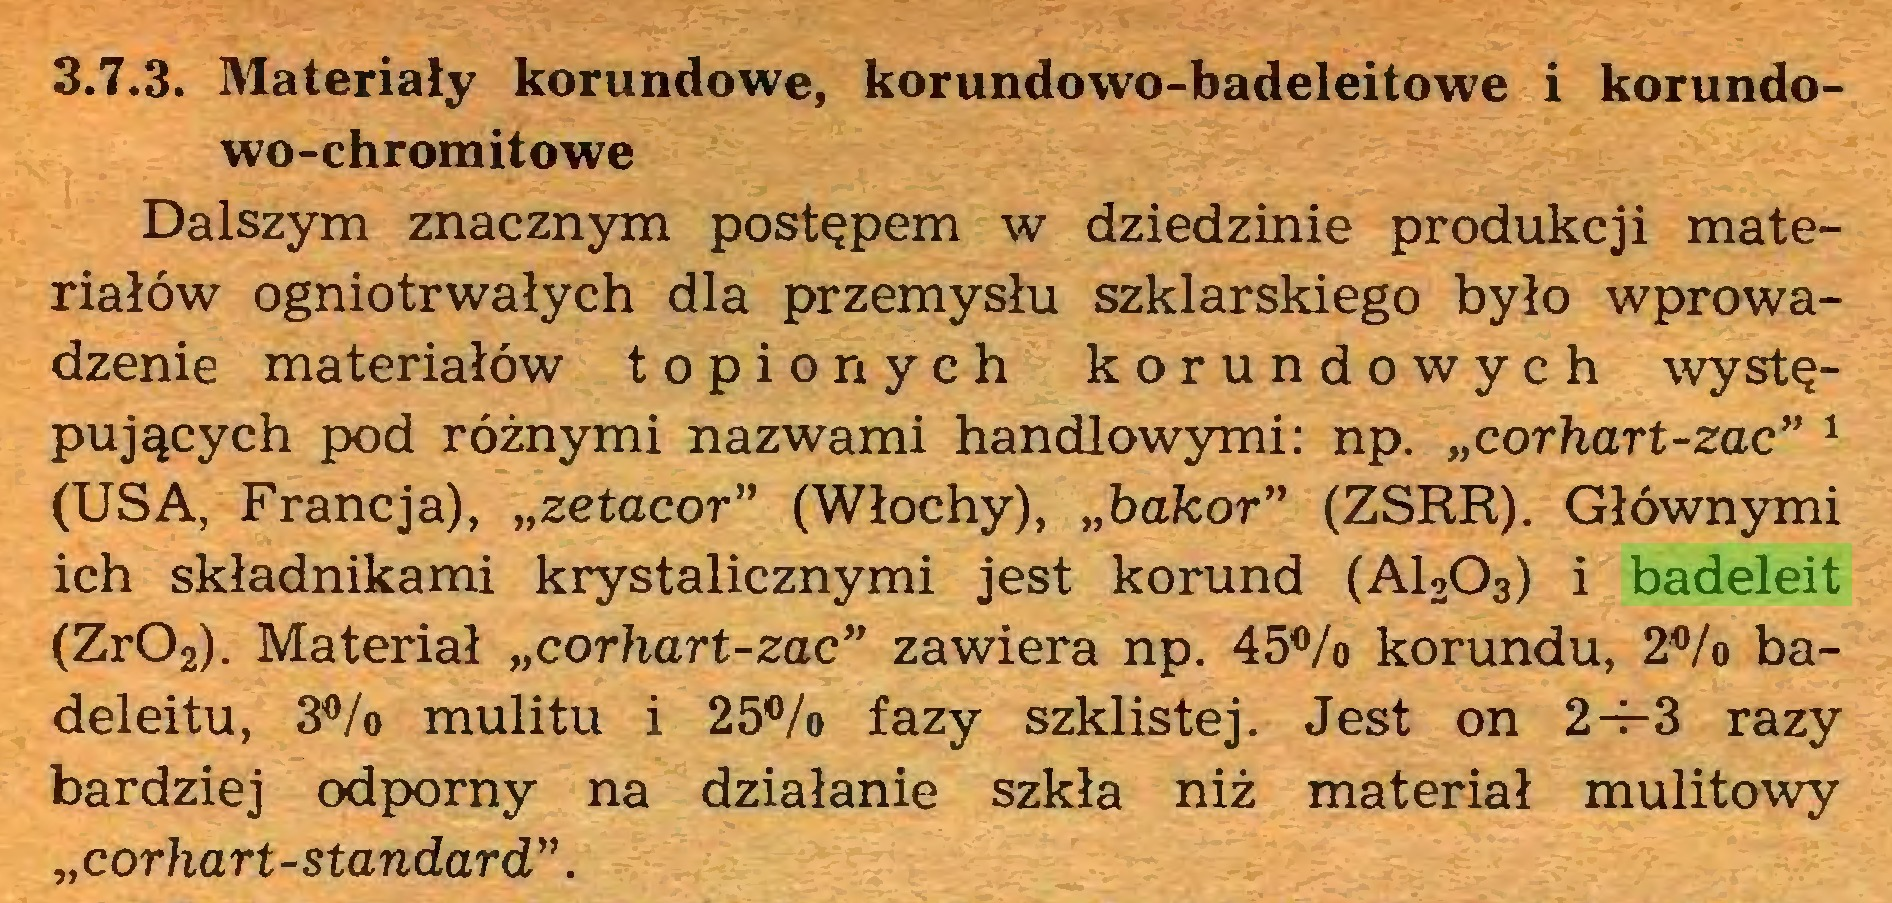 """(...) 3.7.3. Materiały korundowe, korundowo-badeleitowe i korundowo-chromitowe Dalszym znacznym postępem w dziedzinie produkcji materiałów ogniotrwałych dla przemysłu szklarskiego było wprowadzenie materiałów topionych korundowych występujących pod różnymi nazwami handlowymi: np. """"corhart-zac"""" 1 (USA, Francja), """"zetacor"""" (Włochy), y,bakor"""" (ZSRR). Głównymi ich składnikami krystalicznymi jest korund (A1203) i badeleit (Zr02). Materiał """"corhart-zac"""" zawiera np. 45% korundu, 2% badeleitu, 3% mulitu i 25% fazy szklistej. Jest on 2-j-3 razy bardziej odporny na działanie szkła niż materiał mulitowy """" corhart-standard""""..."""